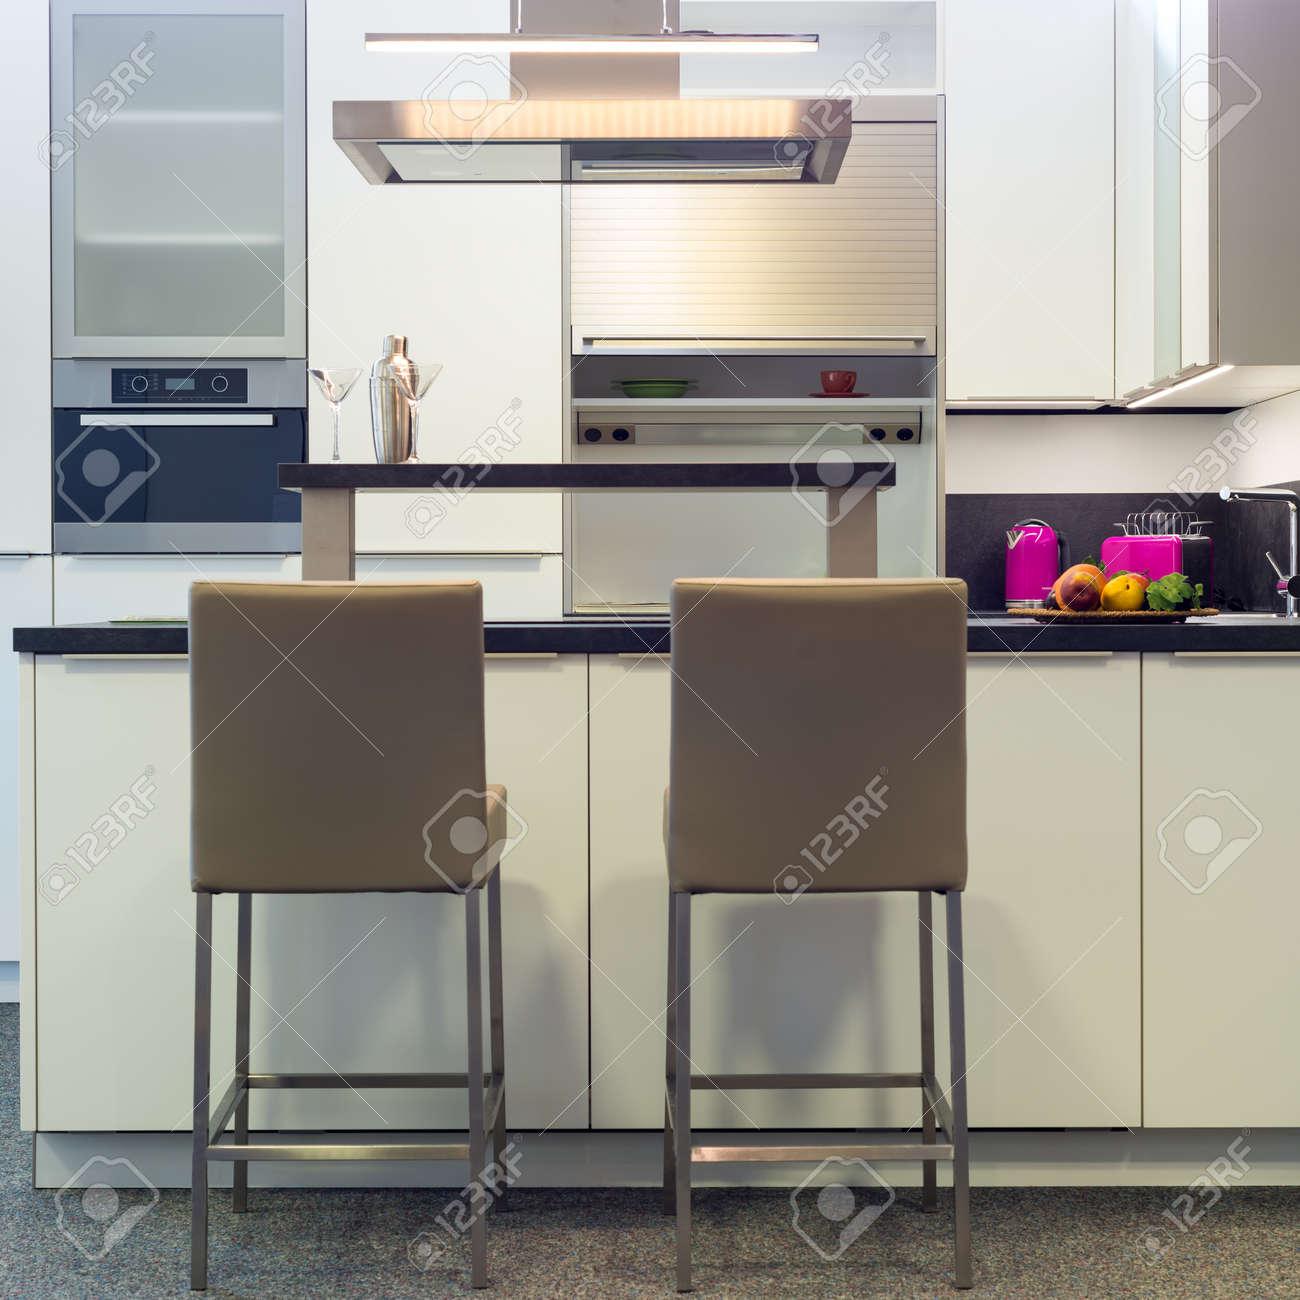 Leder Barhocker An Arbeitsplatte Der Modernen Küche Whibte Standard Bild    29910377